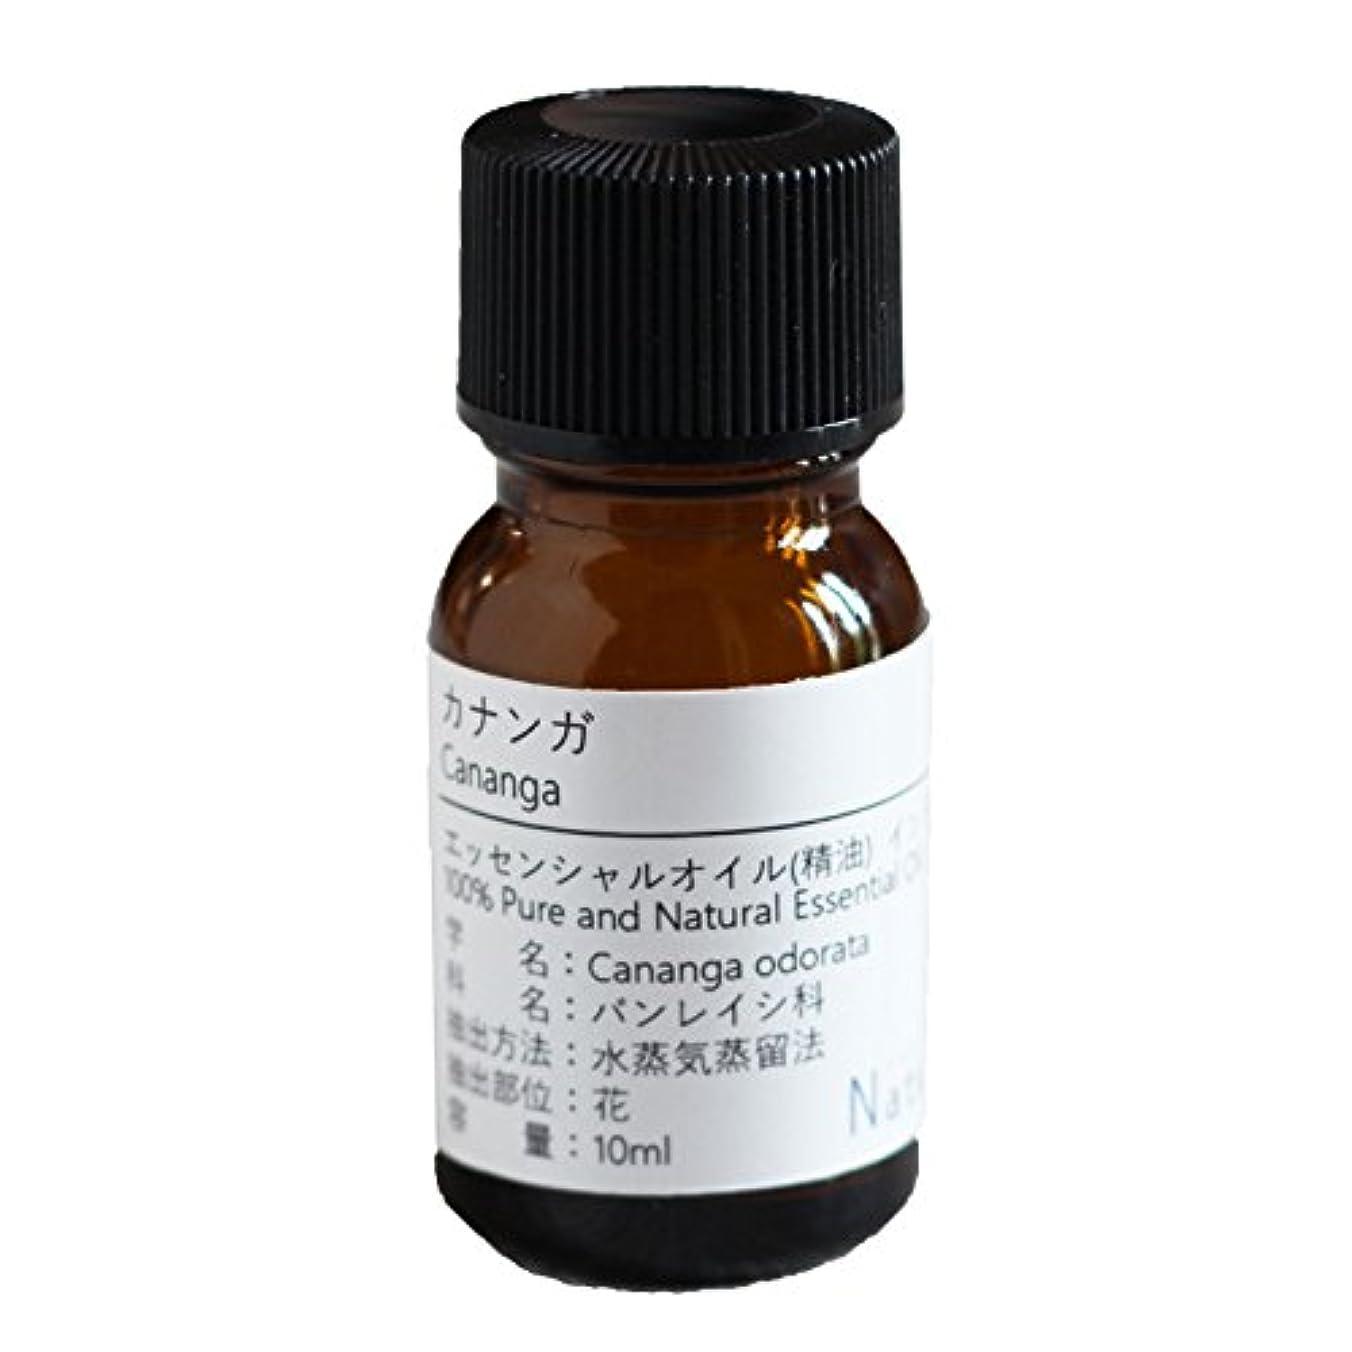 良さサークル用心するNatural蒼 カナンガ/エッセンシャルオイル 精油天然100% (30ml)